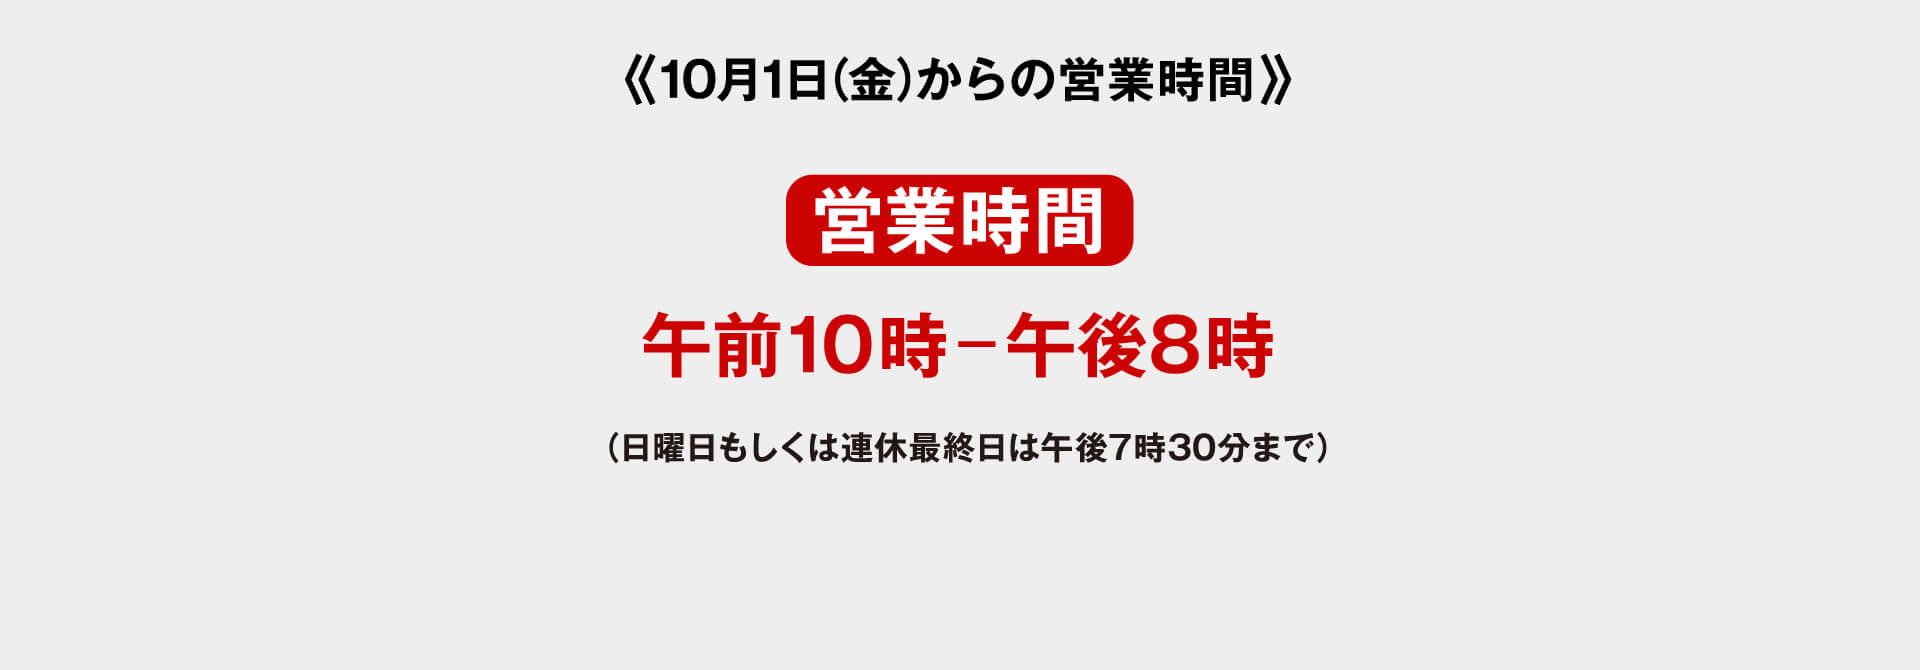 10月1日(金)からの営業時間